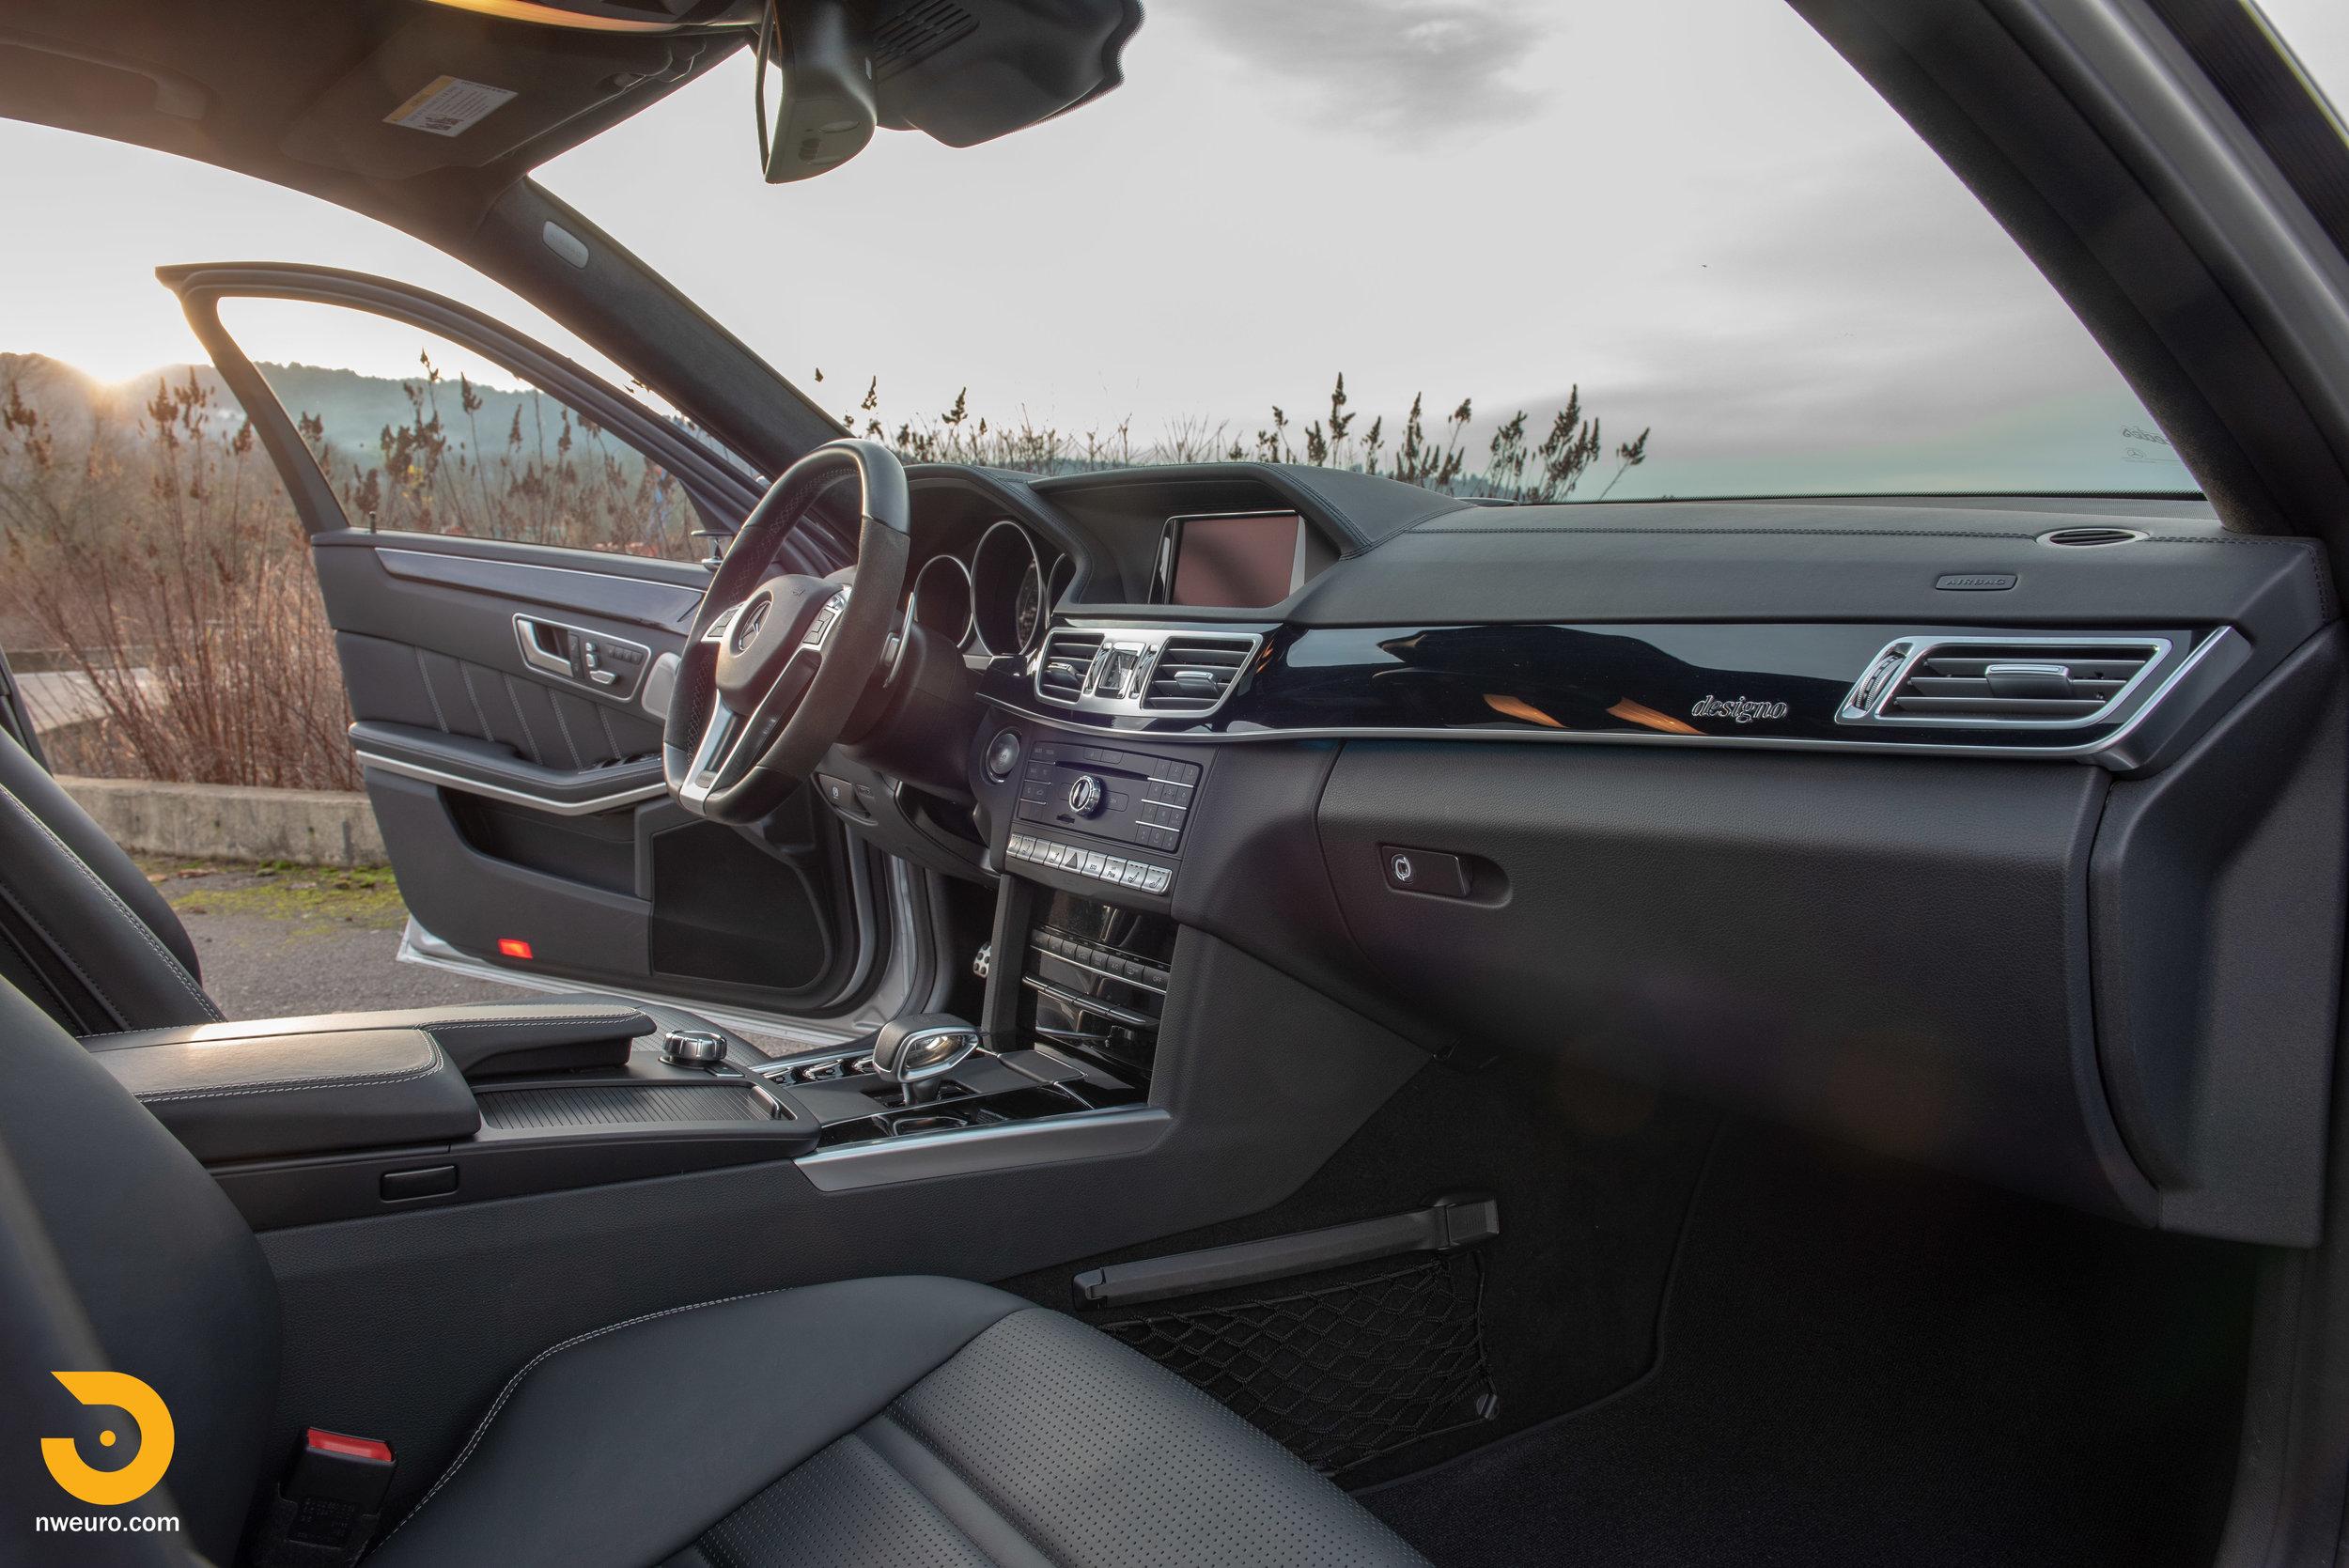 2016 Mercedes-Benz E63S Wagon-47.jpg